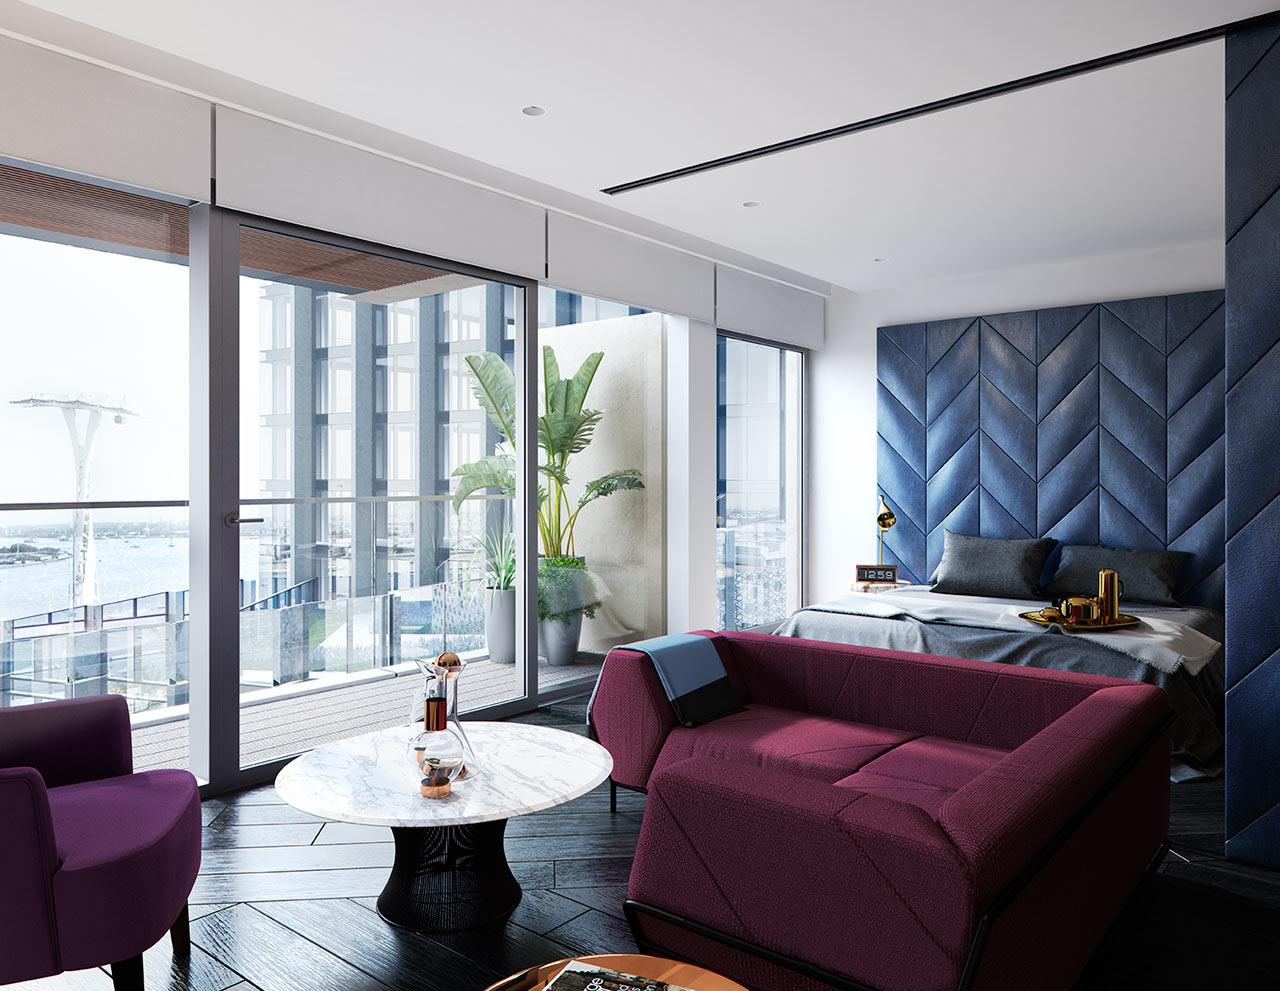 غرفة نوم مودرن 2ا جرأة وروعة الألوان في تصميم وحدات سكنية عصرية